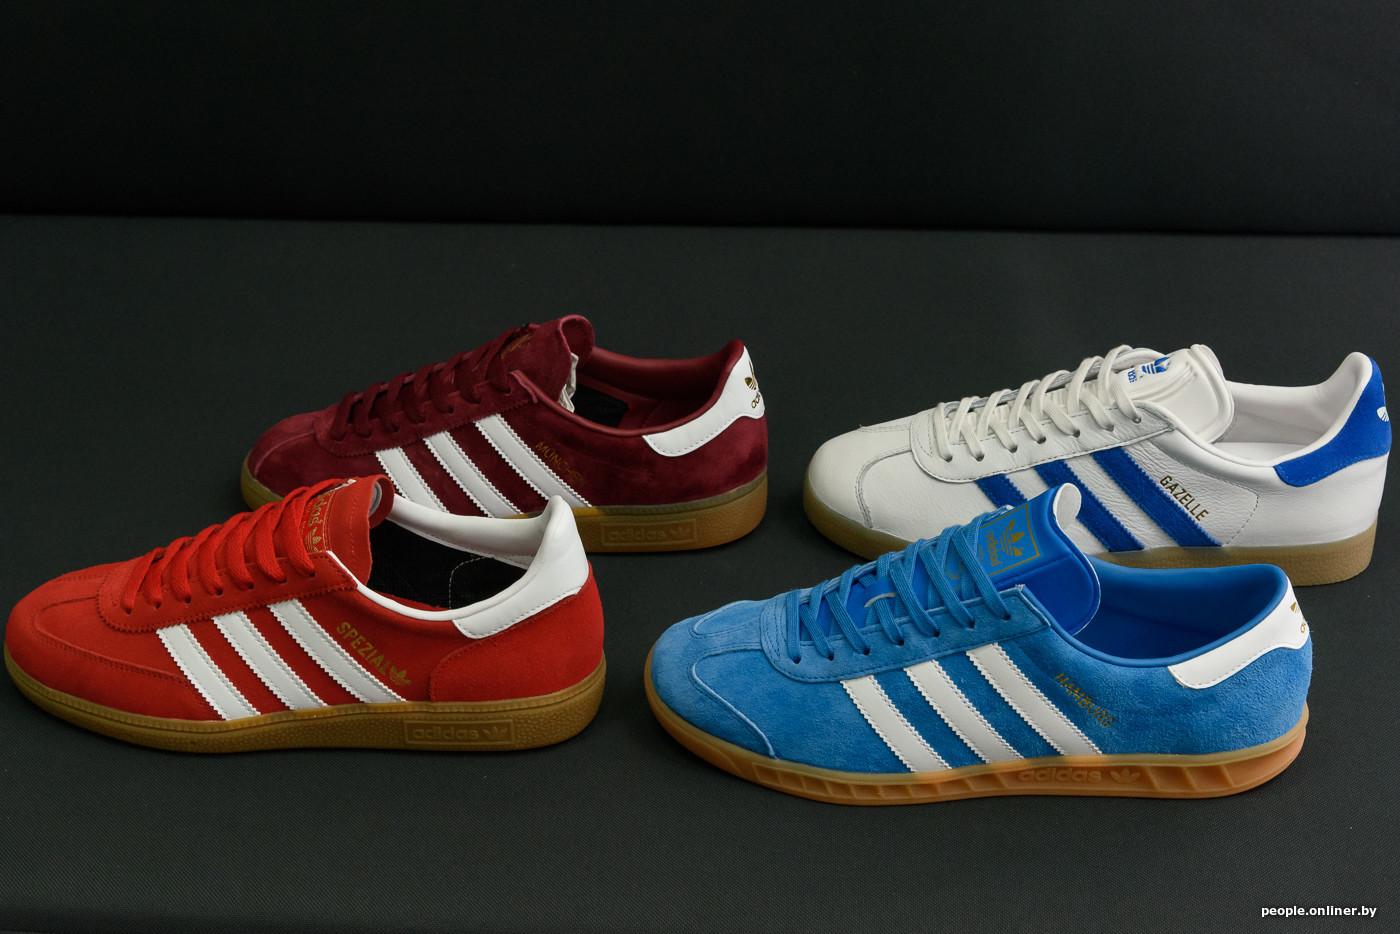 2c95b5531a5b Обманывает ли нас Adidas  Чистый маркетинг, который не отменяет  классического статуса данной обуви. Вообще же, все белорусы в возрасте 30+  говорят, ...